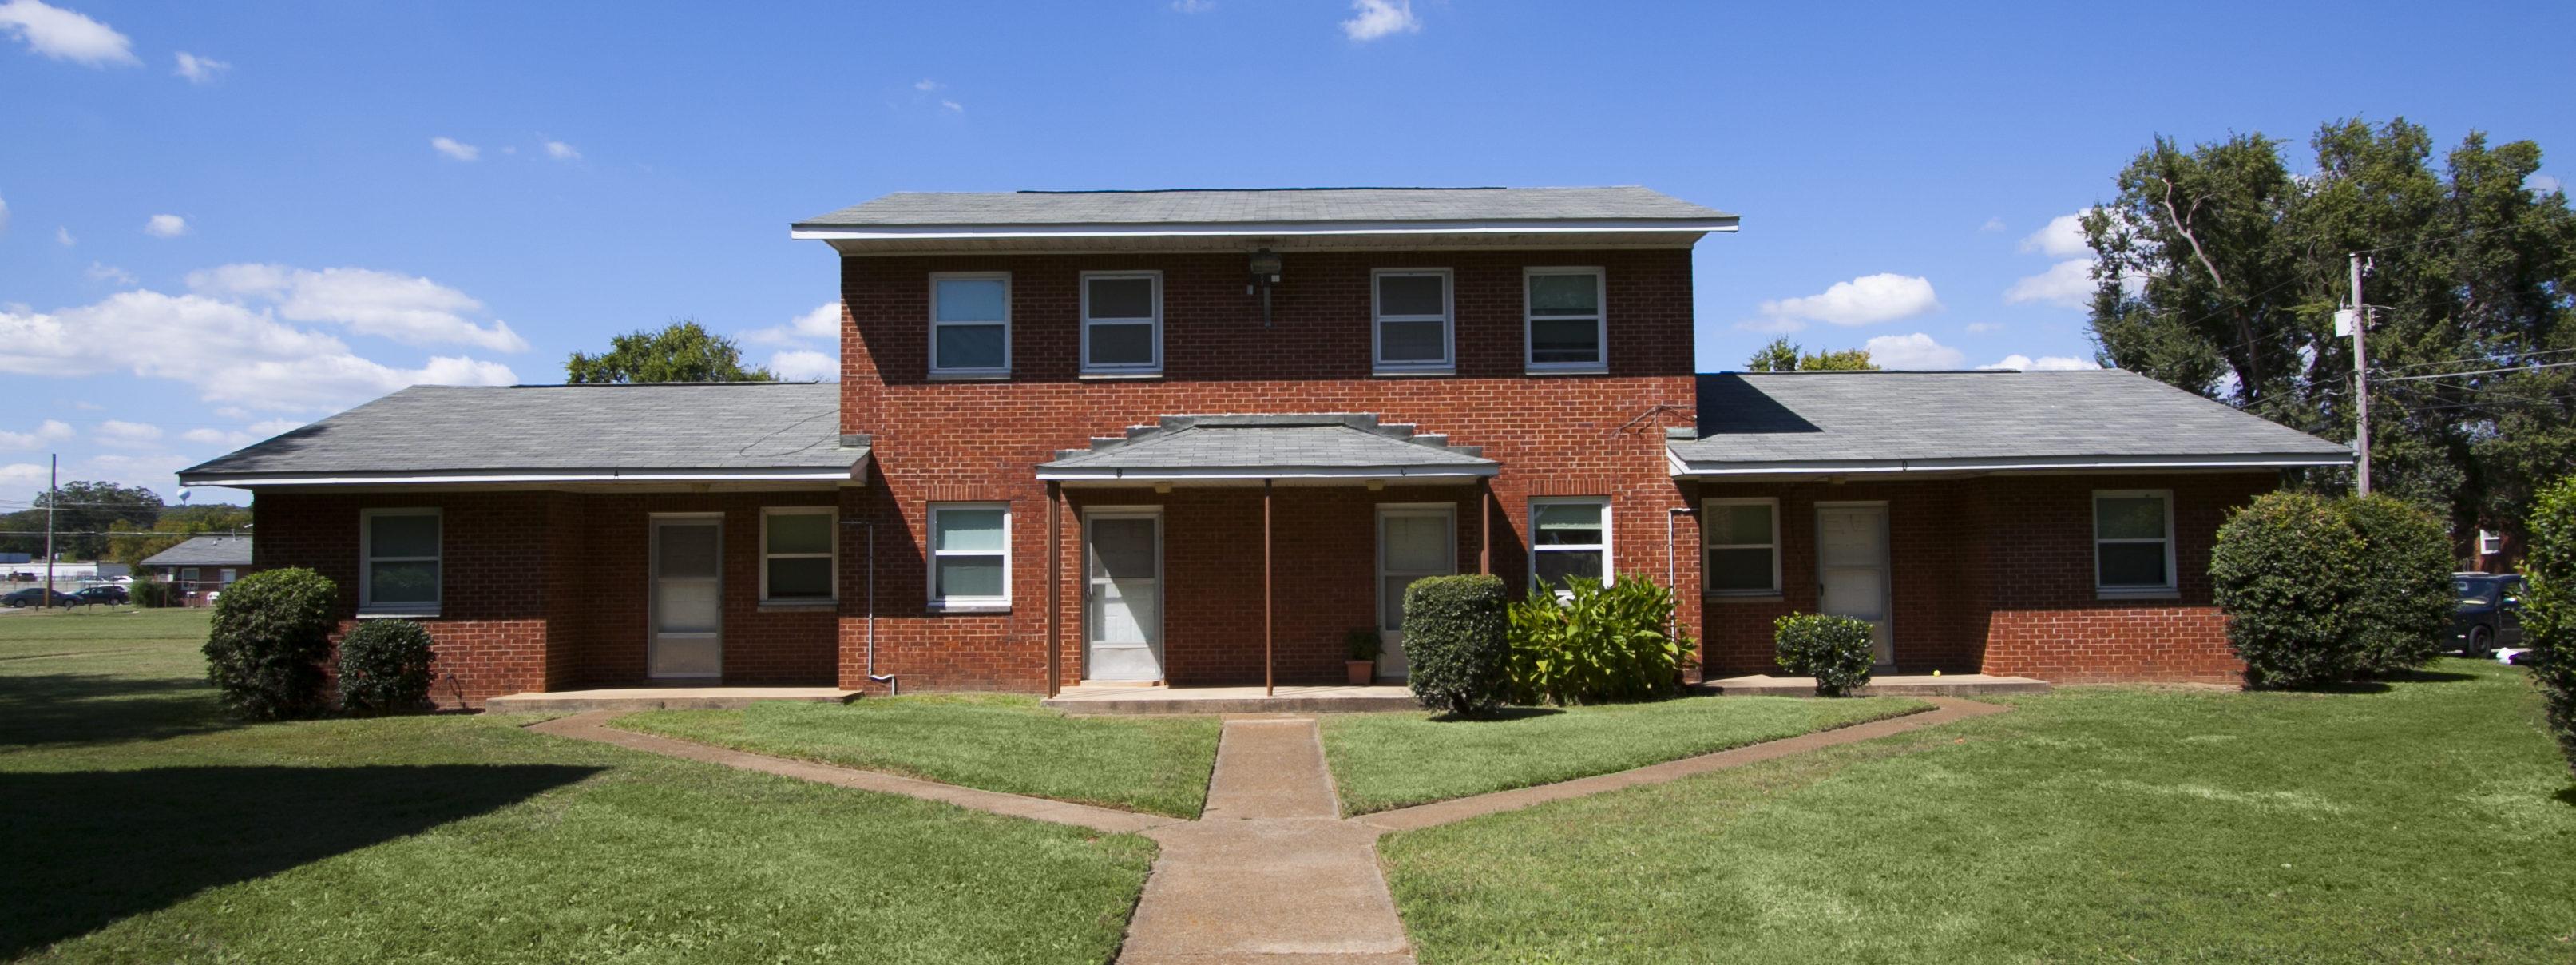 Image of Butler Terrace in Huntsville, Alabama